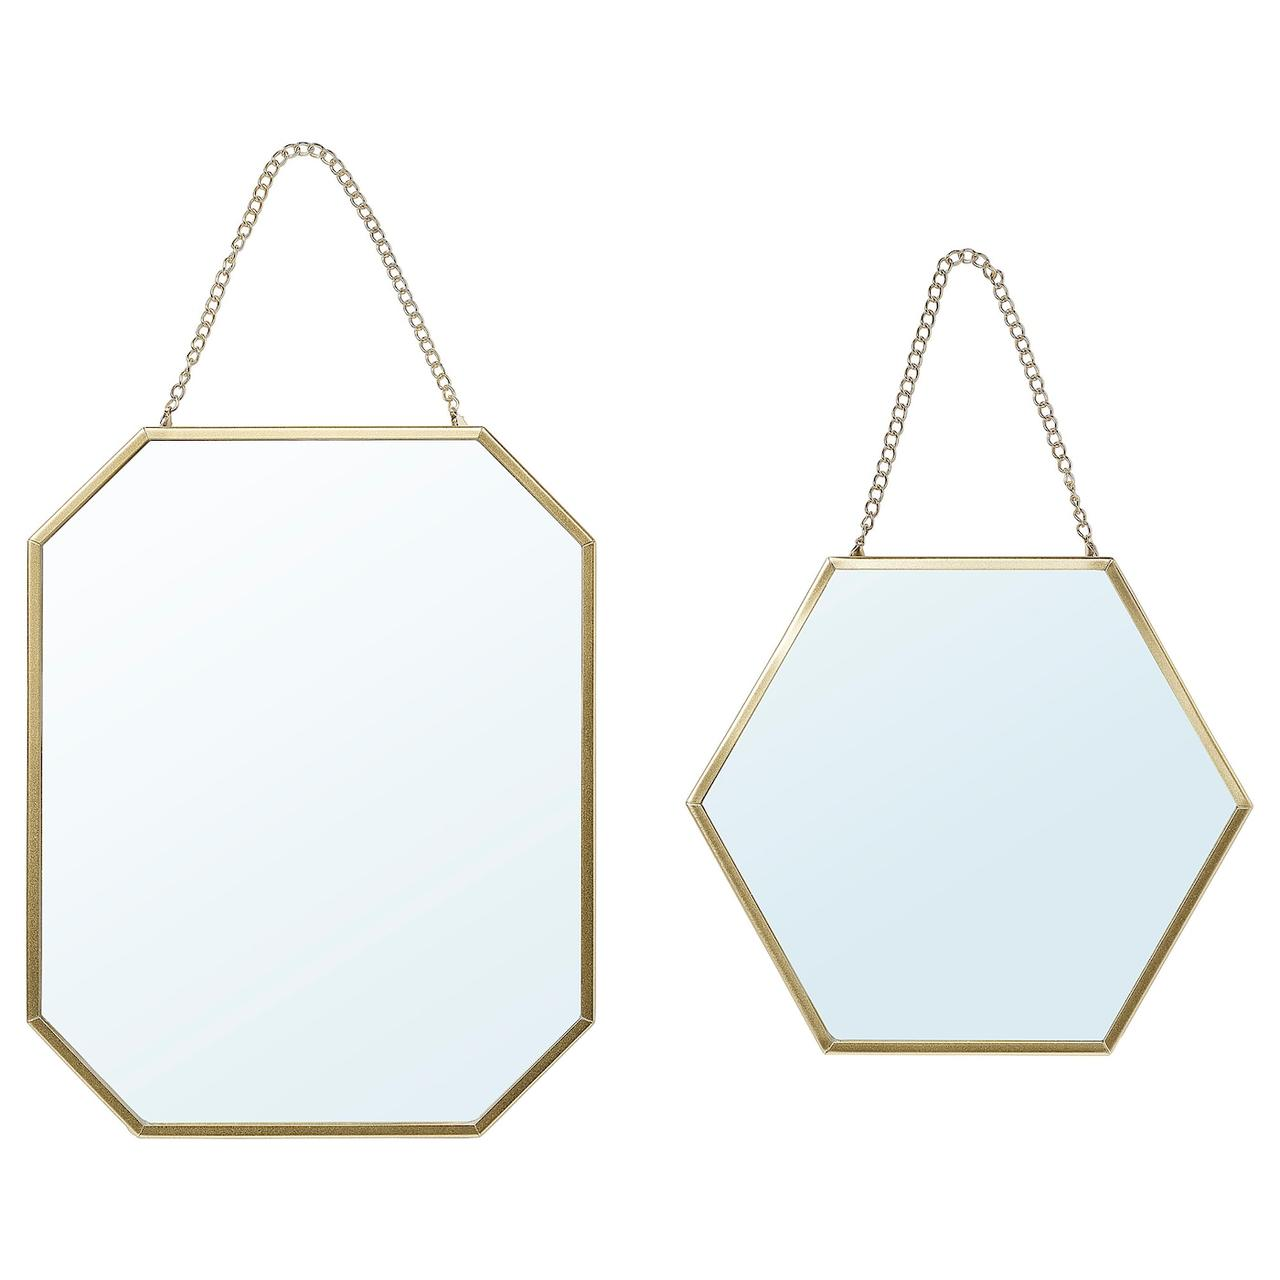 IKEA LASSBYN Зеркала, 2 шт.